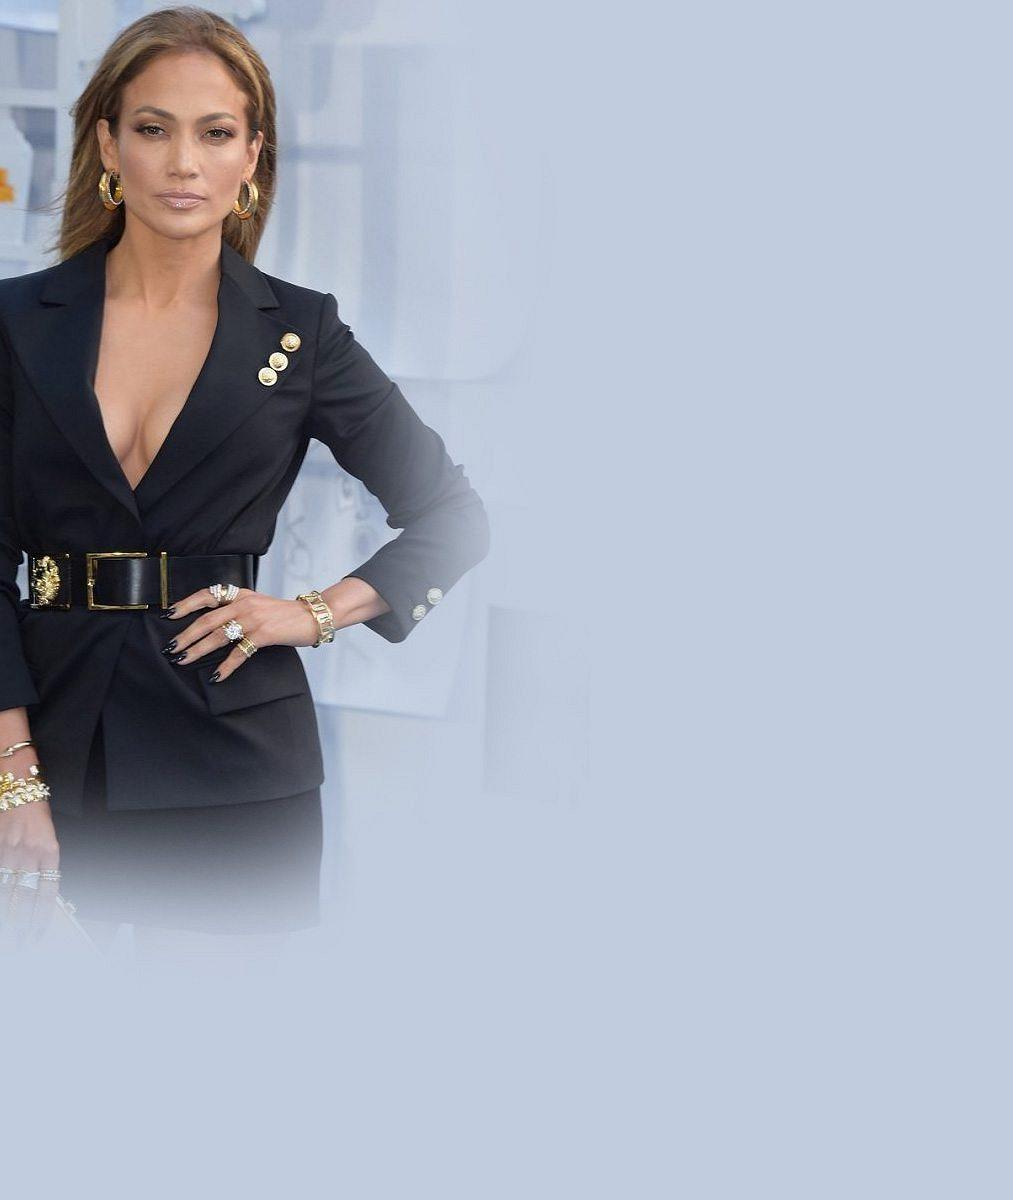 Ve 45 letech provokuje jako dvacítka: Jennifer Lopez ukázala výstavní dekolt i dokonalá stehýnka v mini